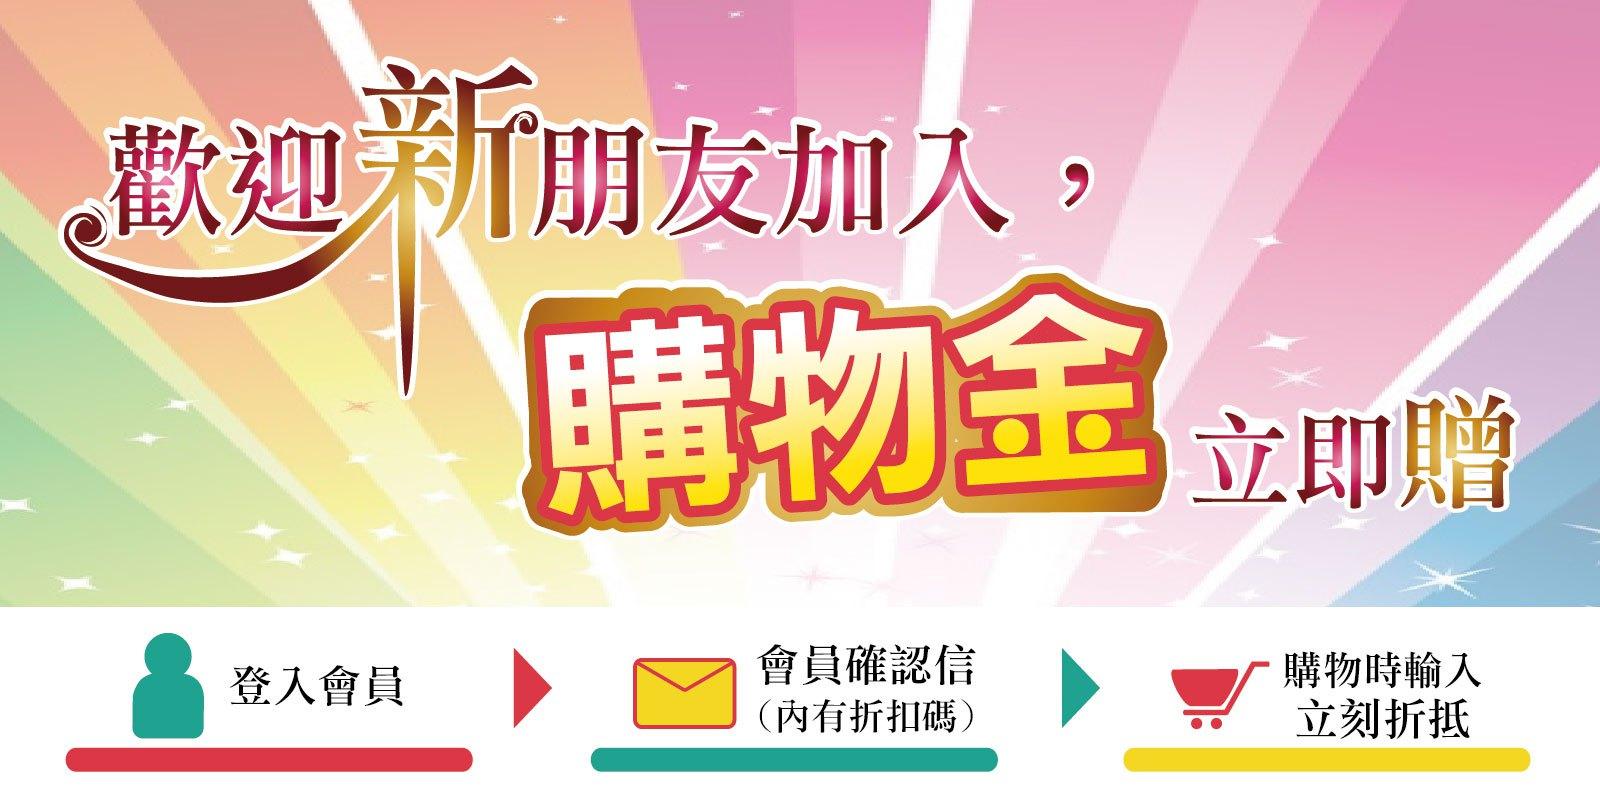 歡慶MOTISS網站上線週年慶,新加入會員即贈300元購物金!限量300位搶完為止